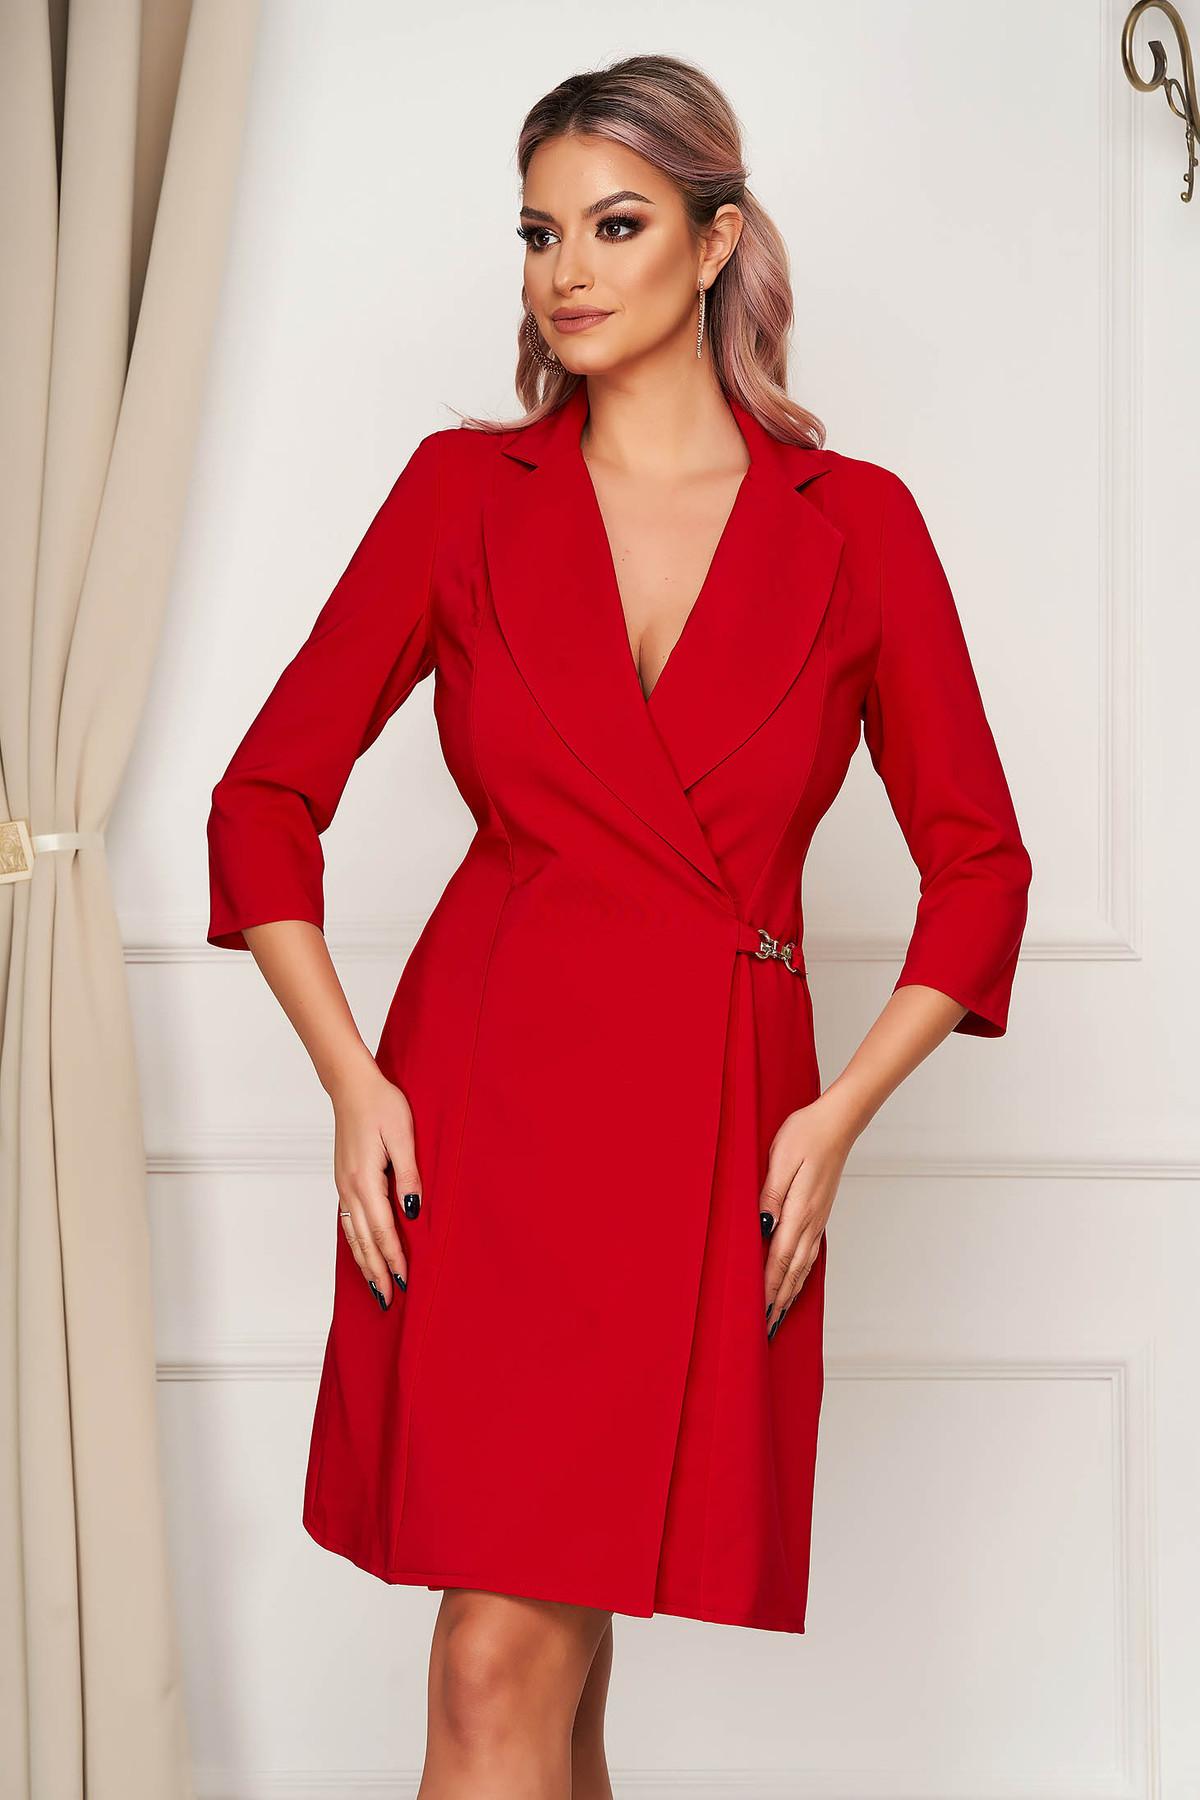 Rochie Artista rosie cu croi in a eleganta scurta petrecuta din stofa material subtire Artista